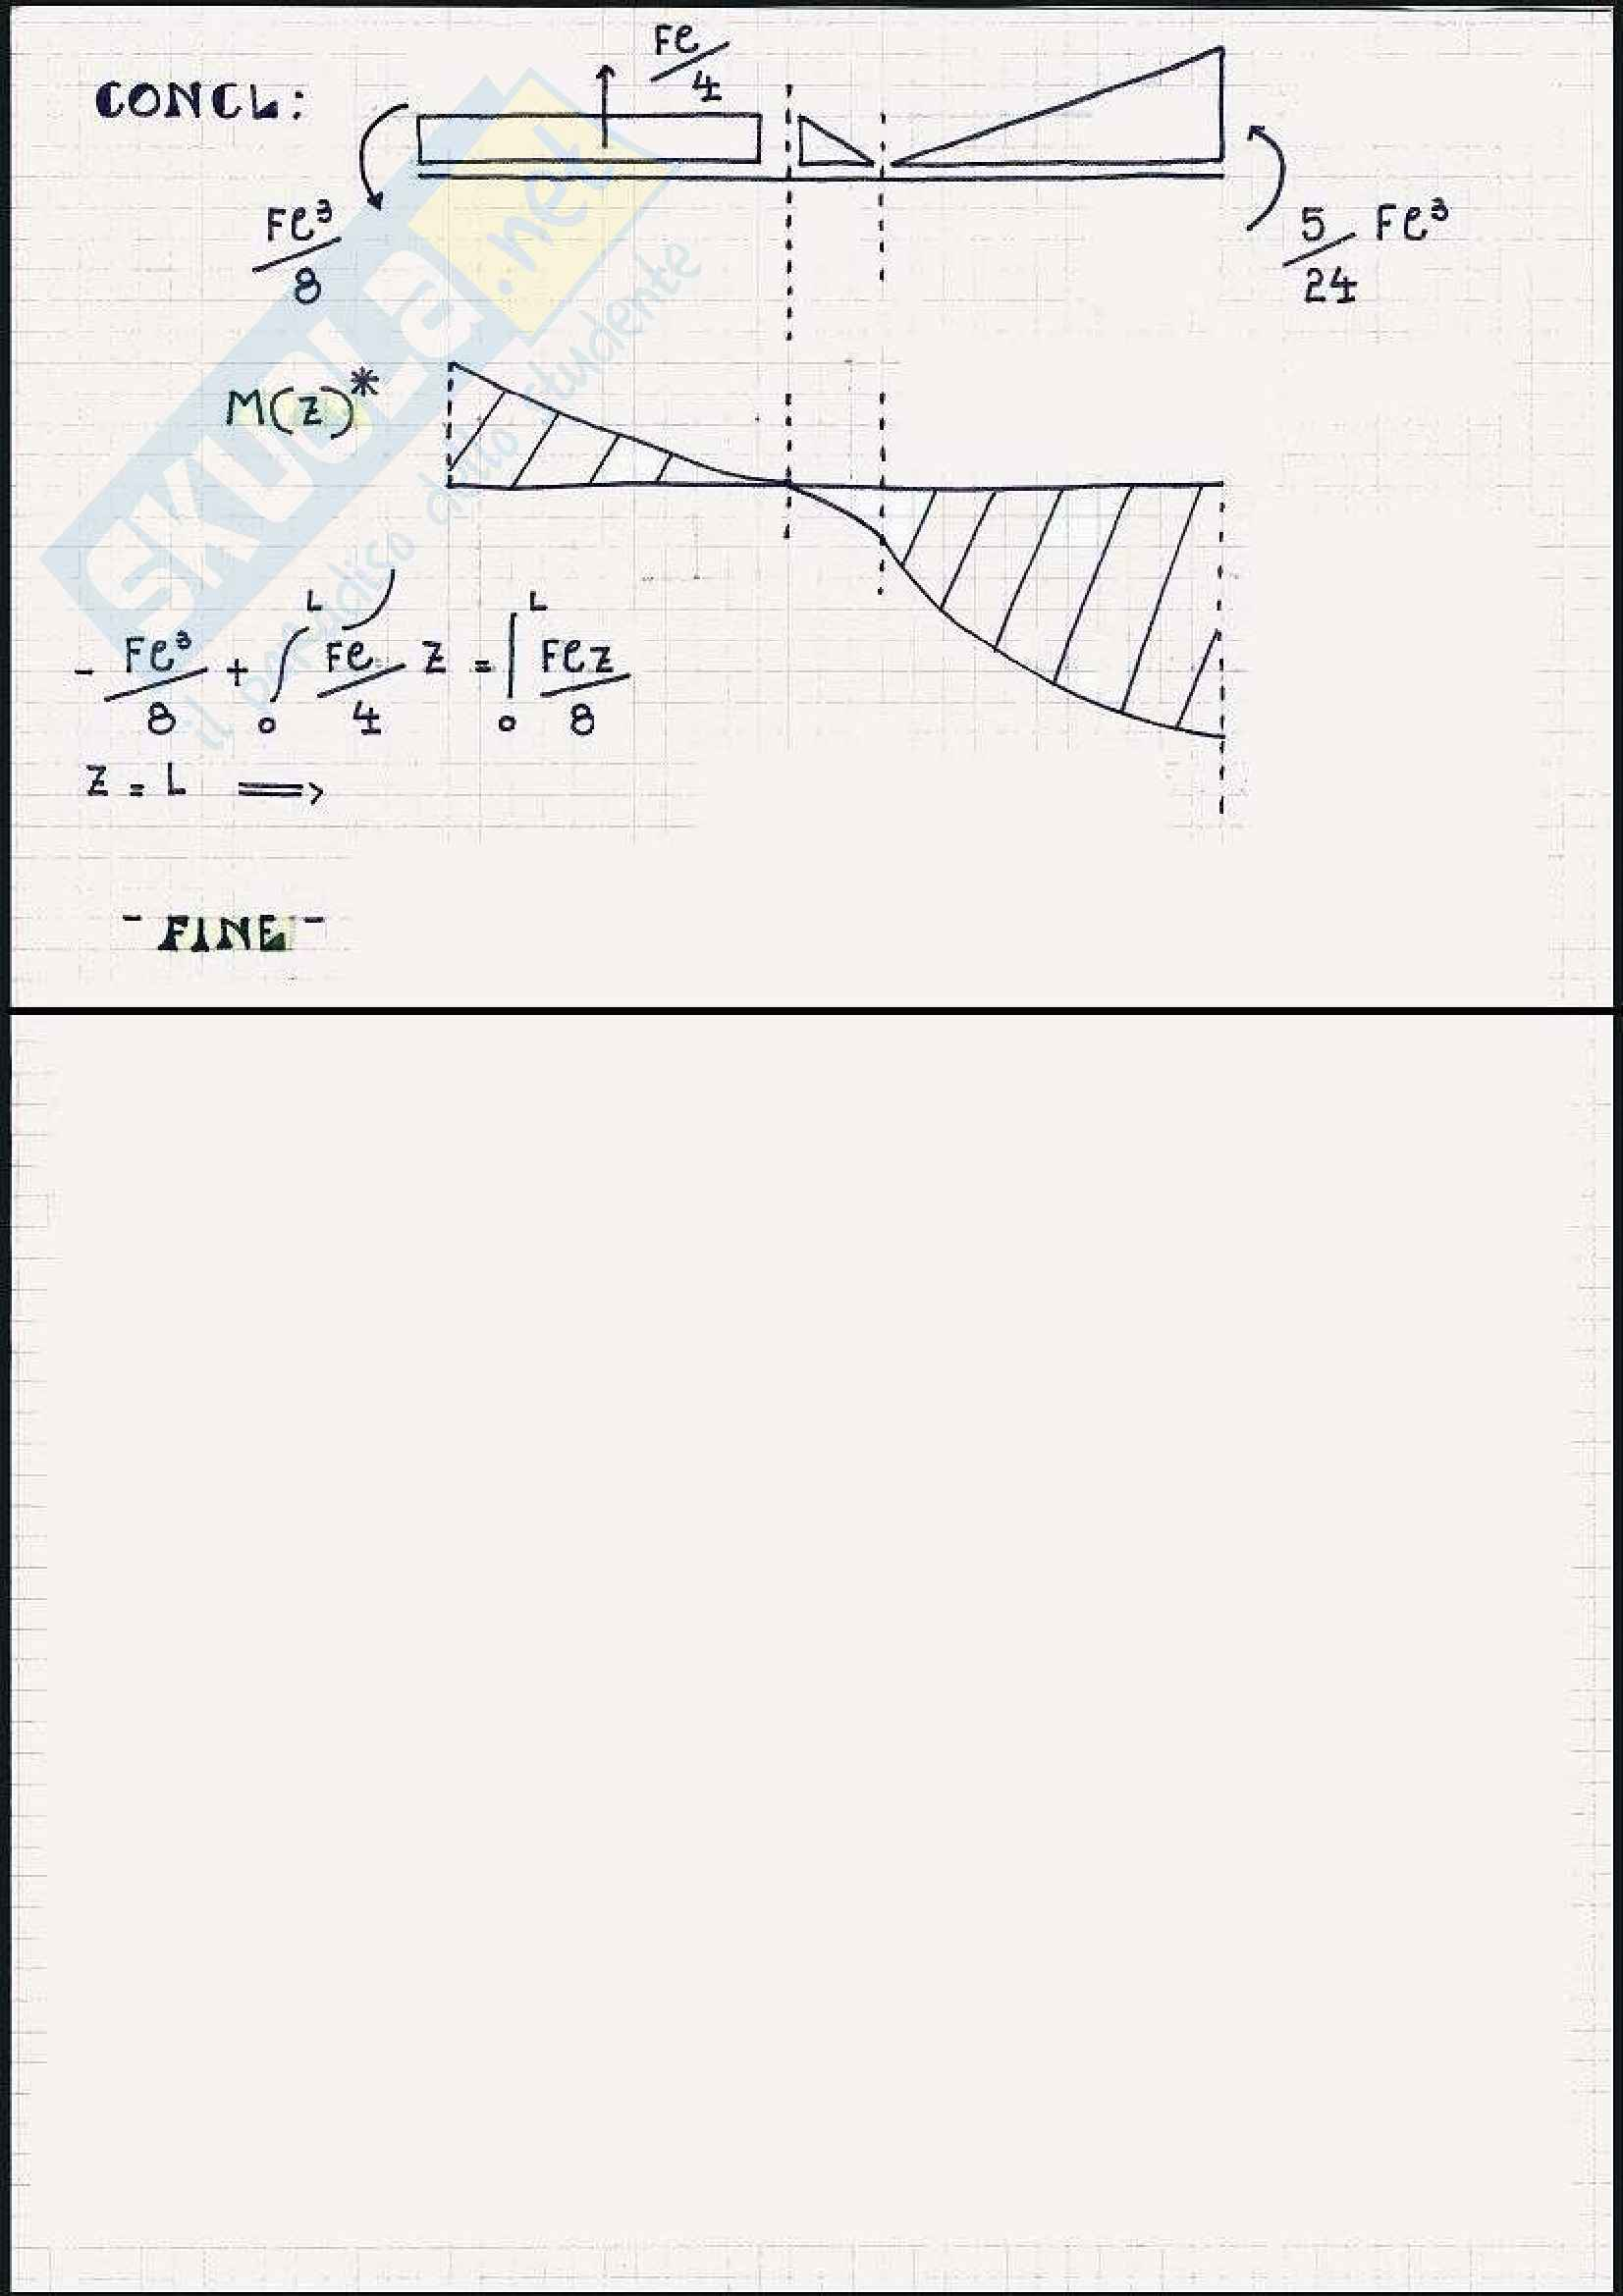 Scienza delle costruzioni - Esercizi sulla linea elastica e Mohr Pag. 76